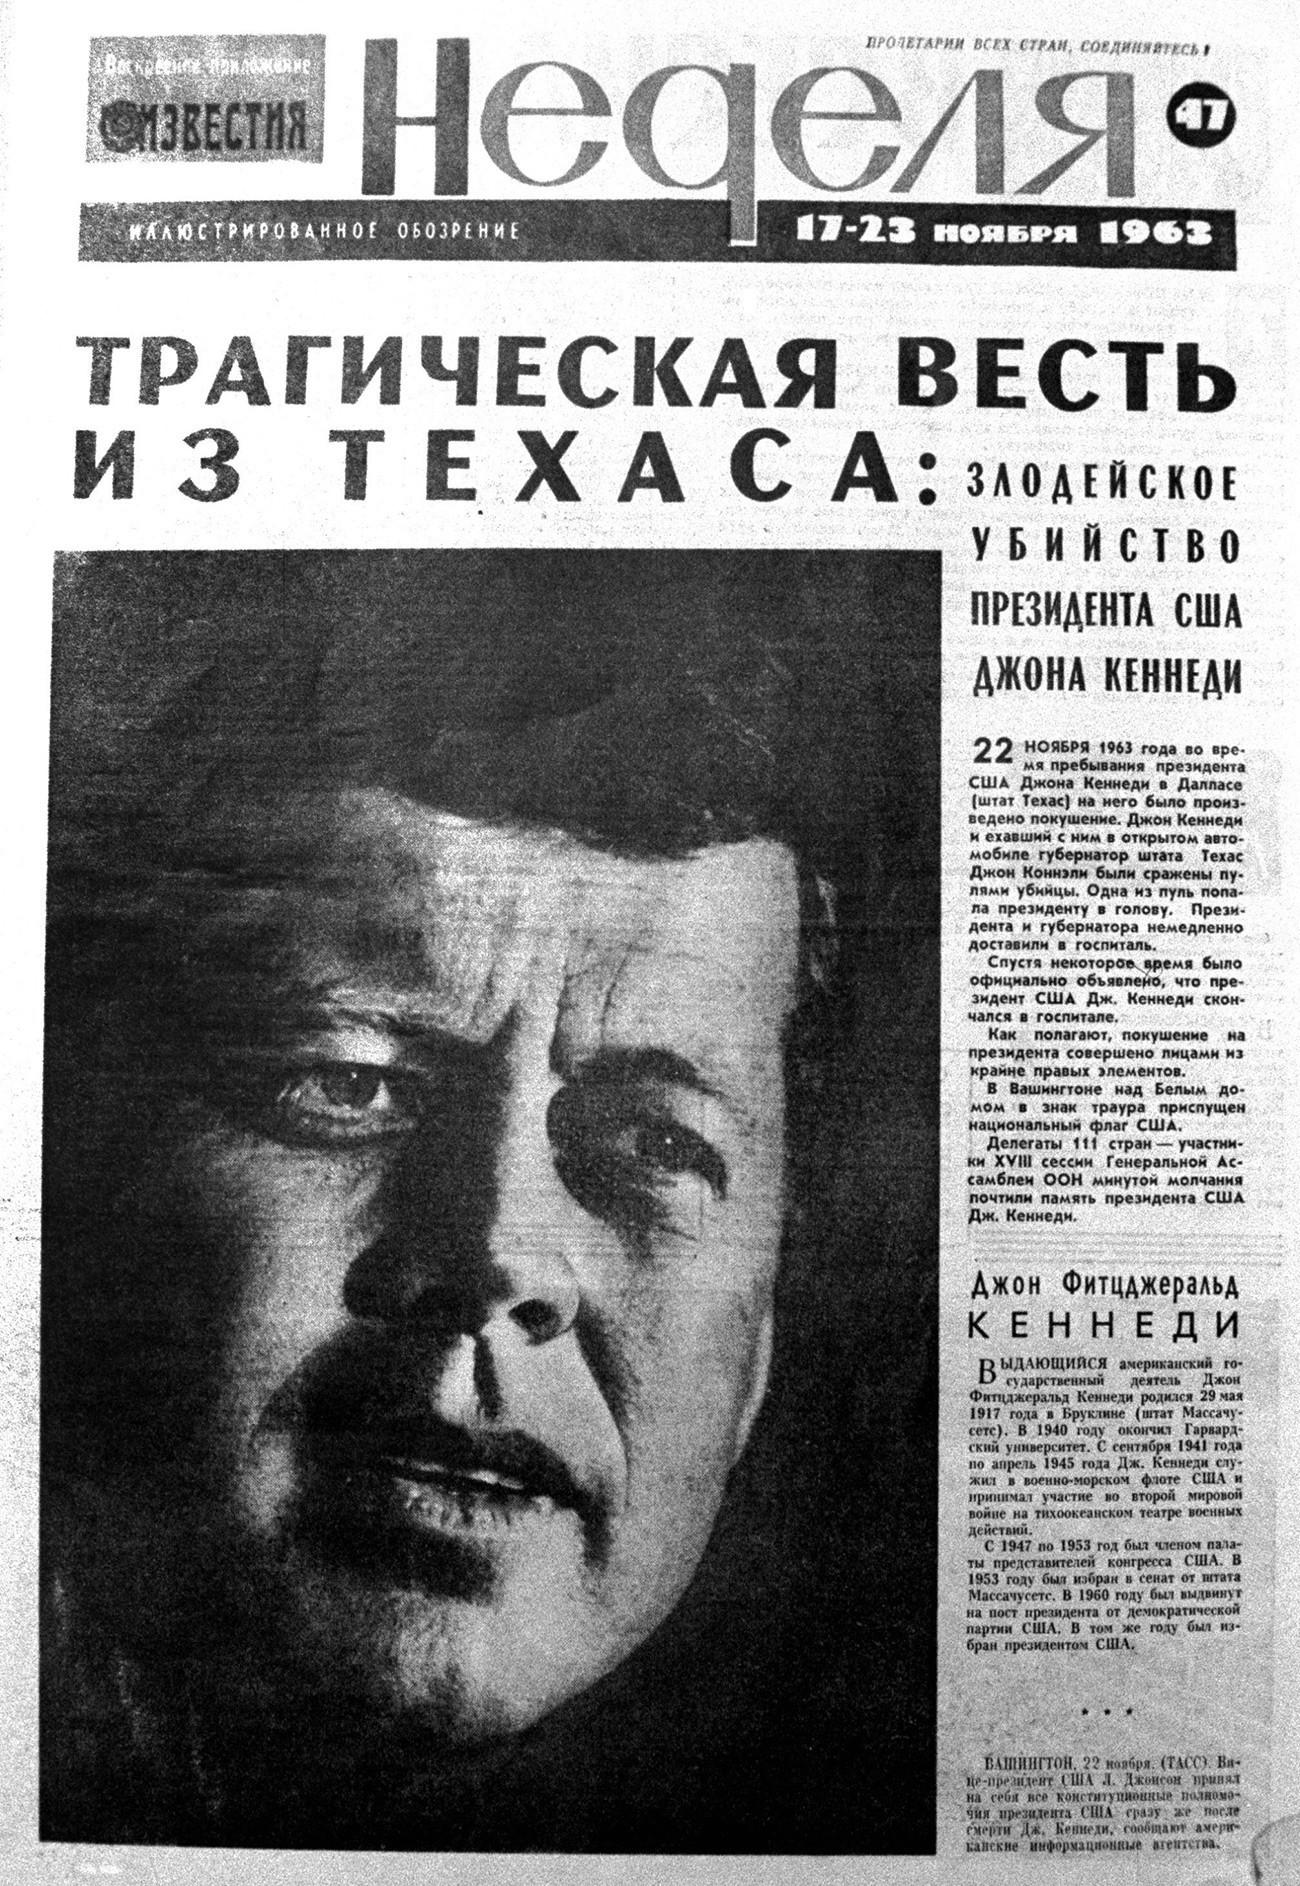 """Весникот """"Недела"""" на 23 ноември 1963 година. Насловна страница посветена на убиството на американскиот претседател Џон Кенеди. """"Недела беше додаток на владиниот весник """"Известија""""."""